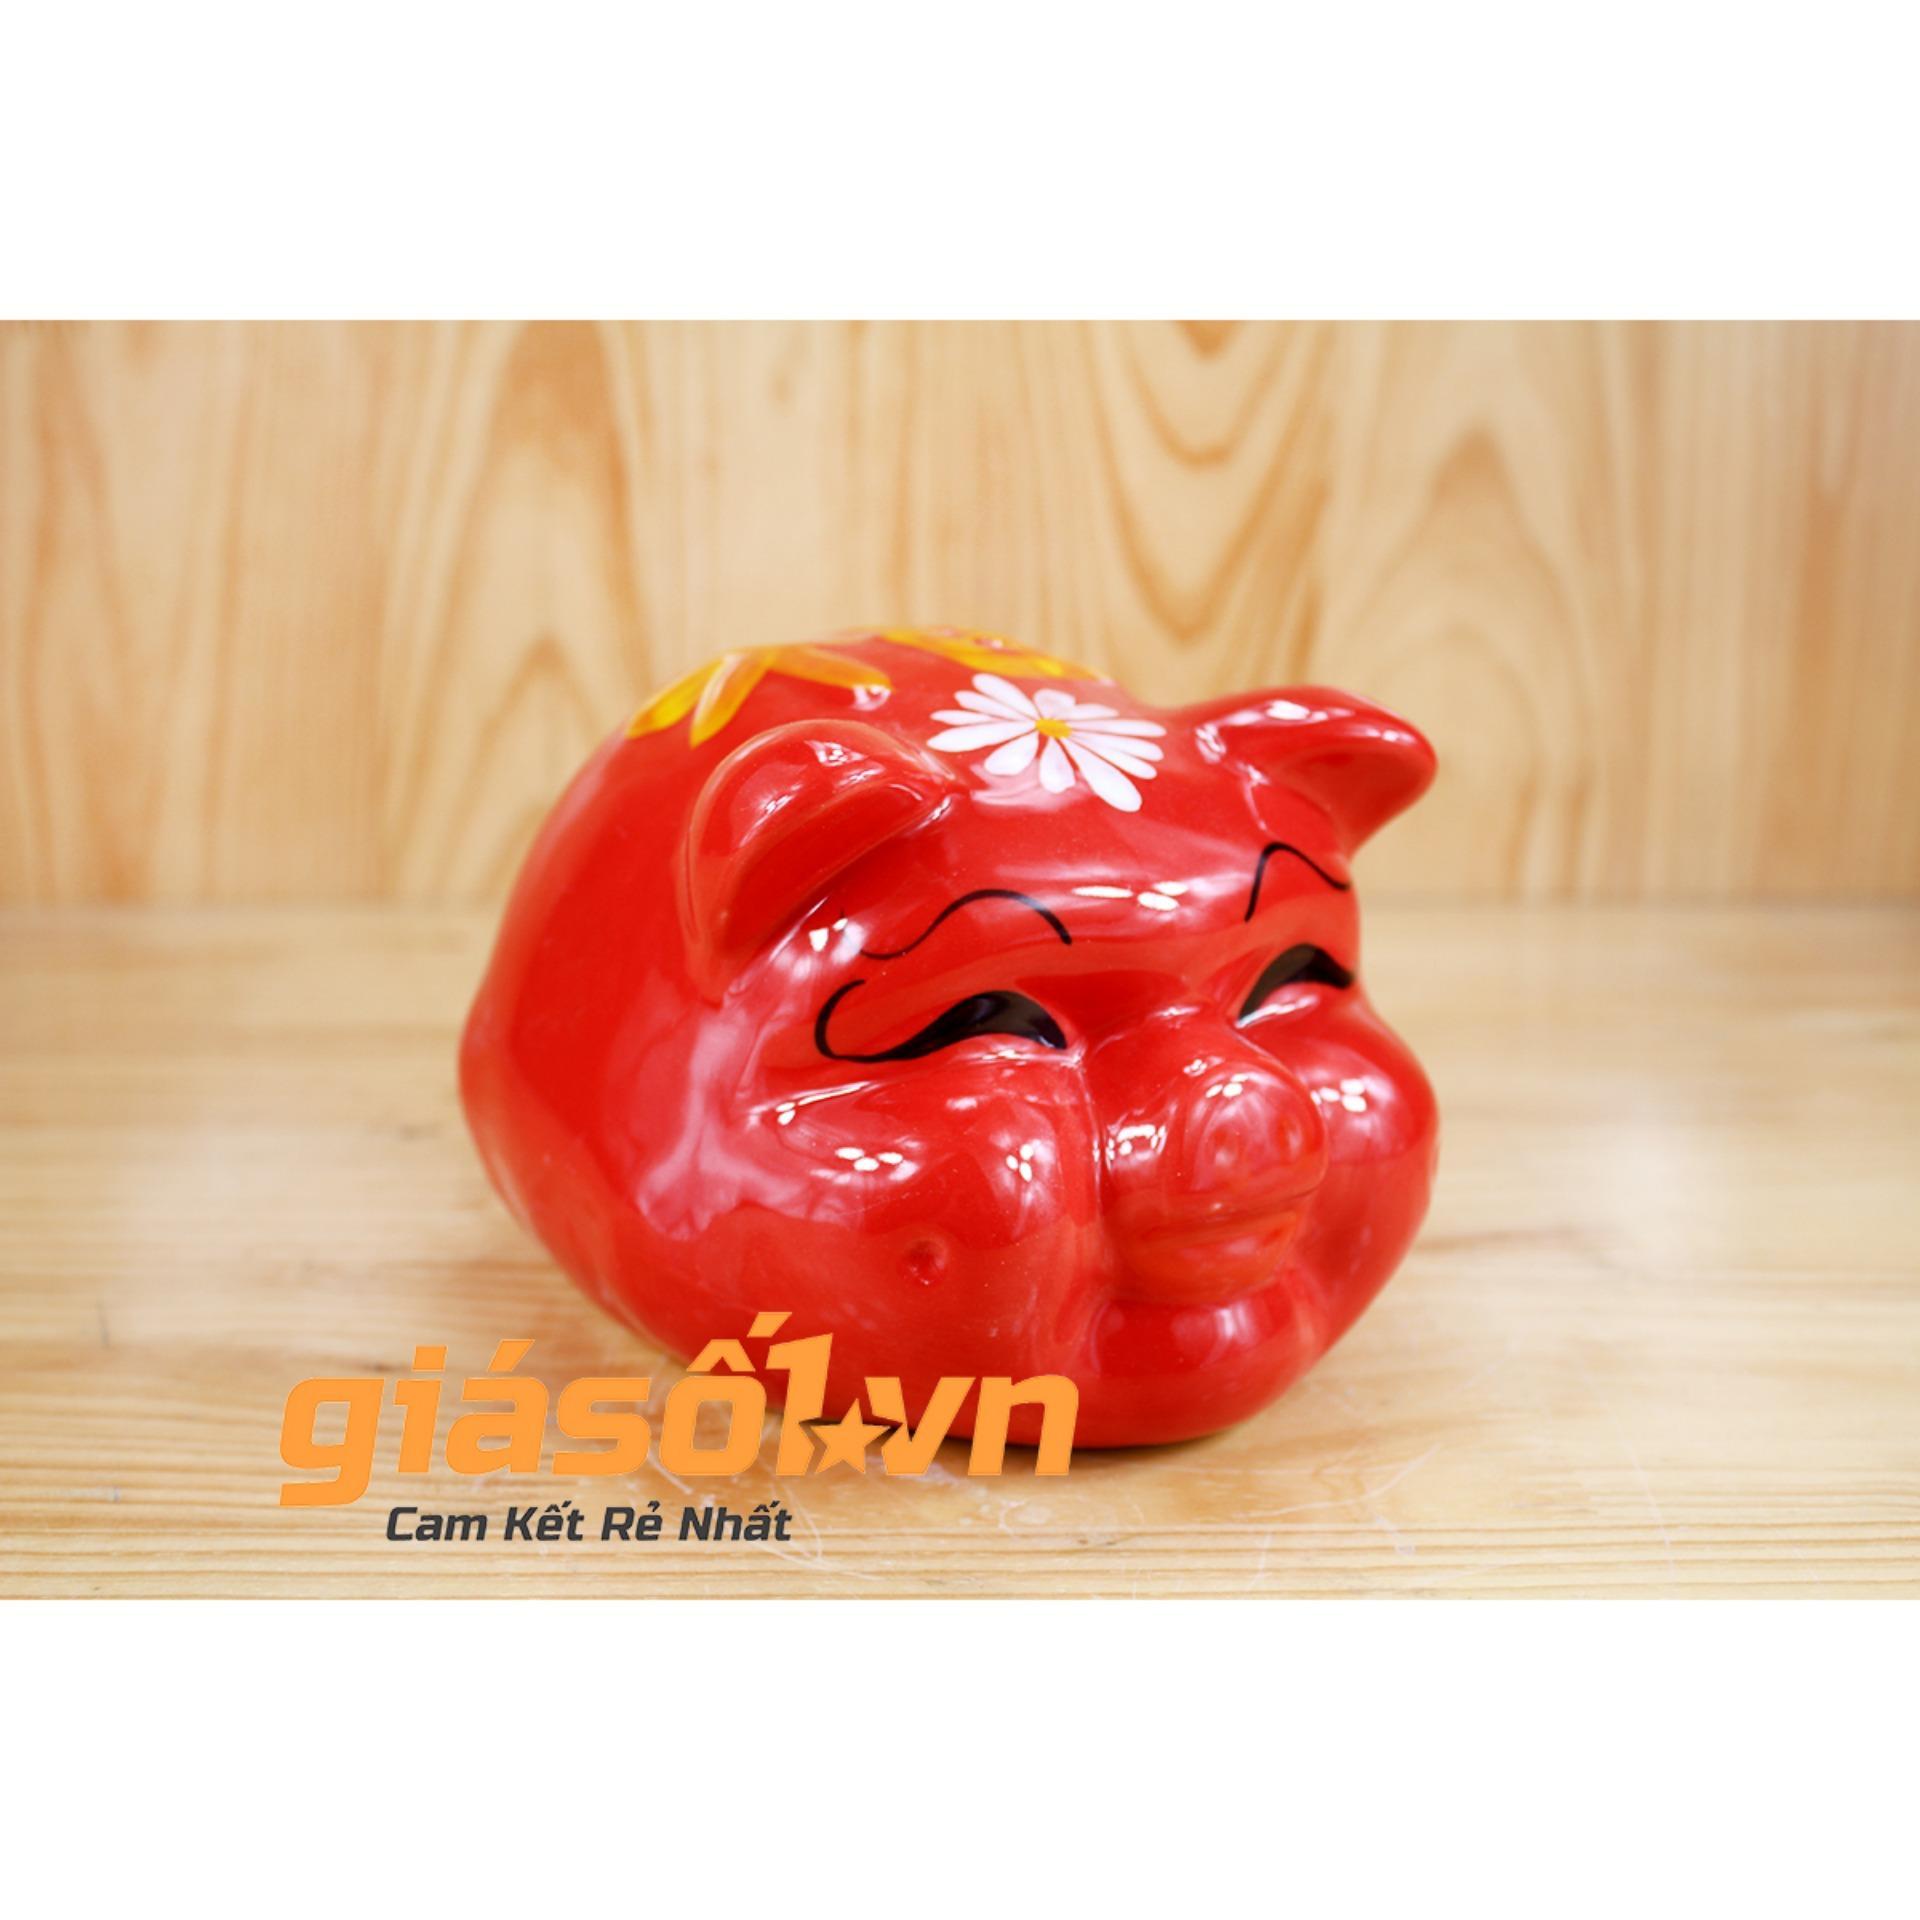 Hình ảnh Lợn sứ tiết kiệm ngộ nghĩnh Bát Tràng (Nhiều màu)